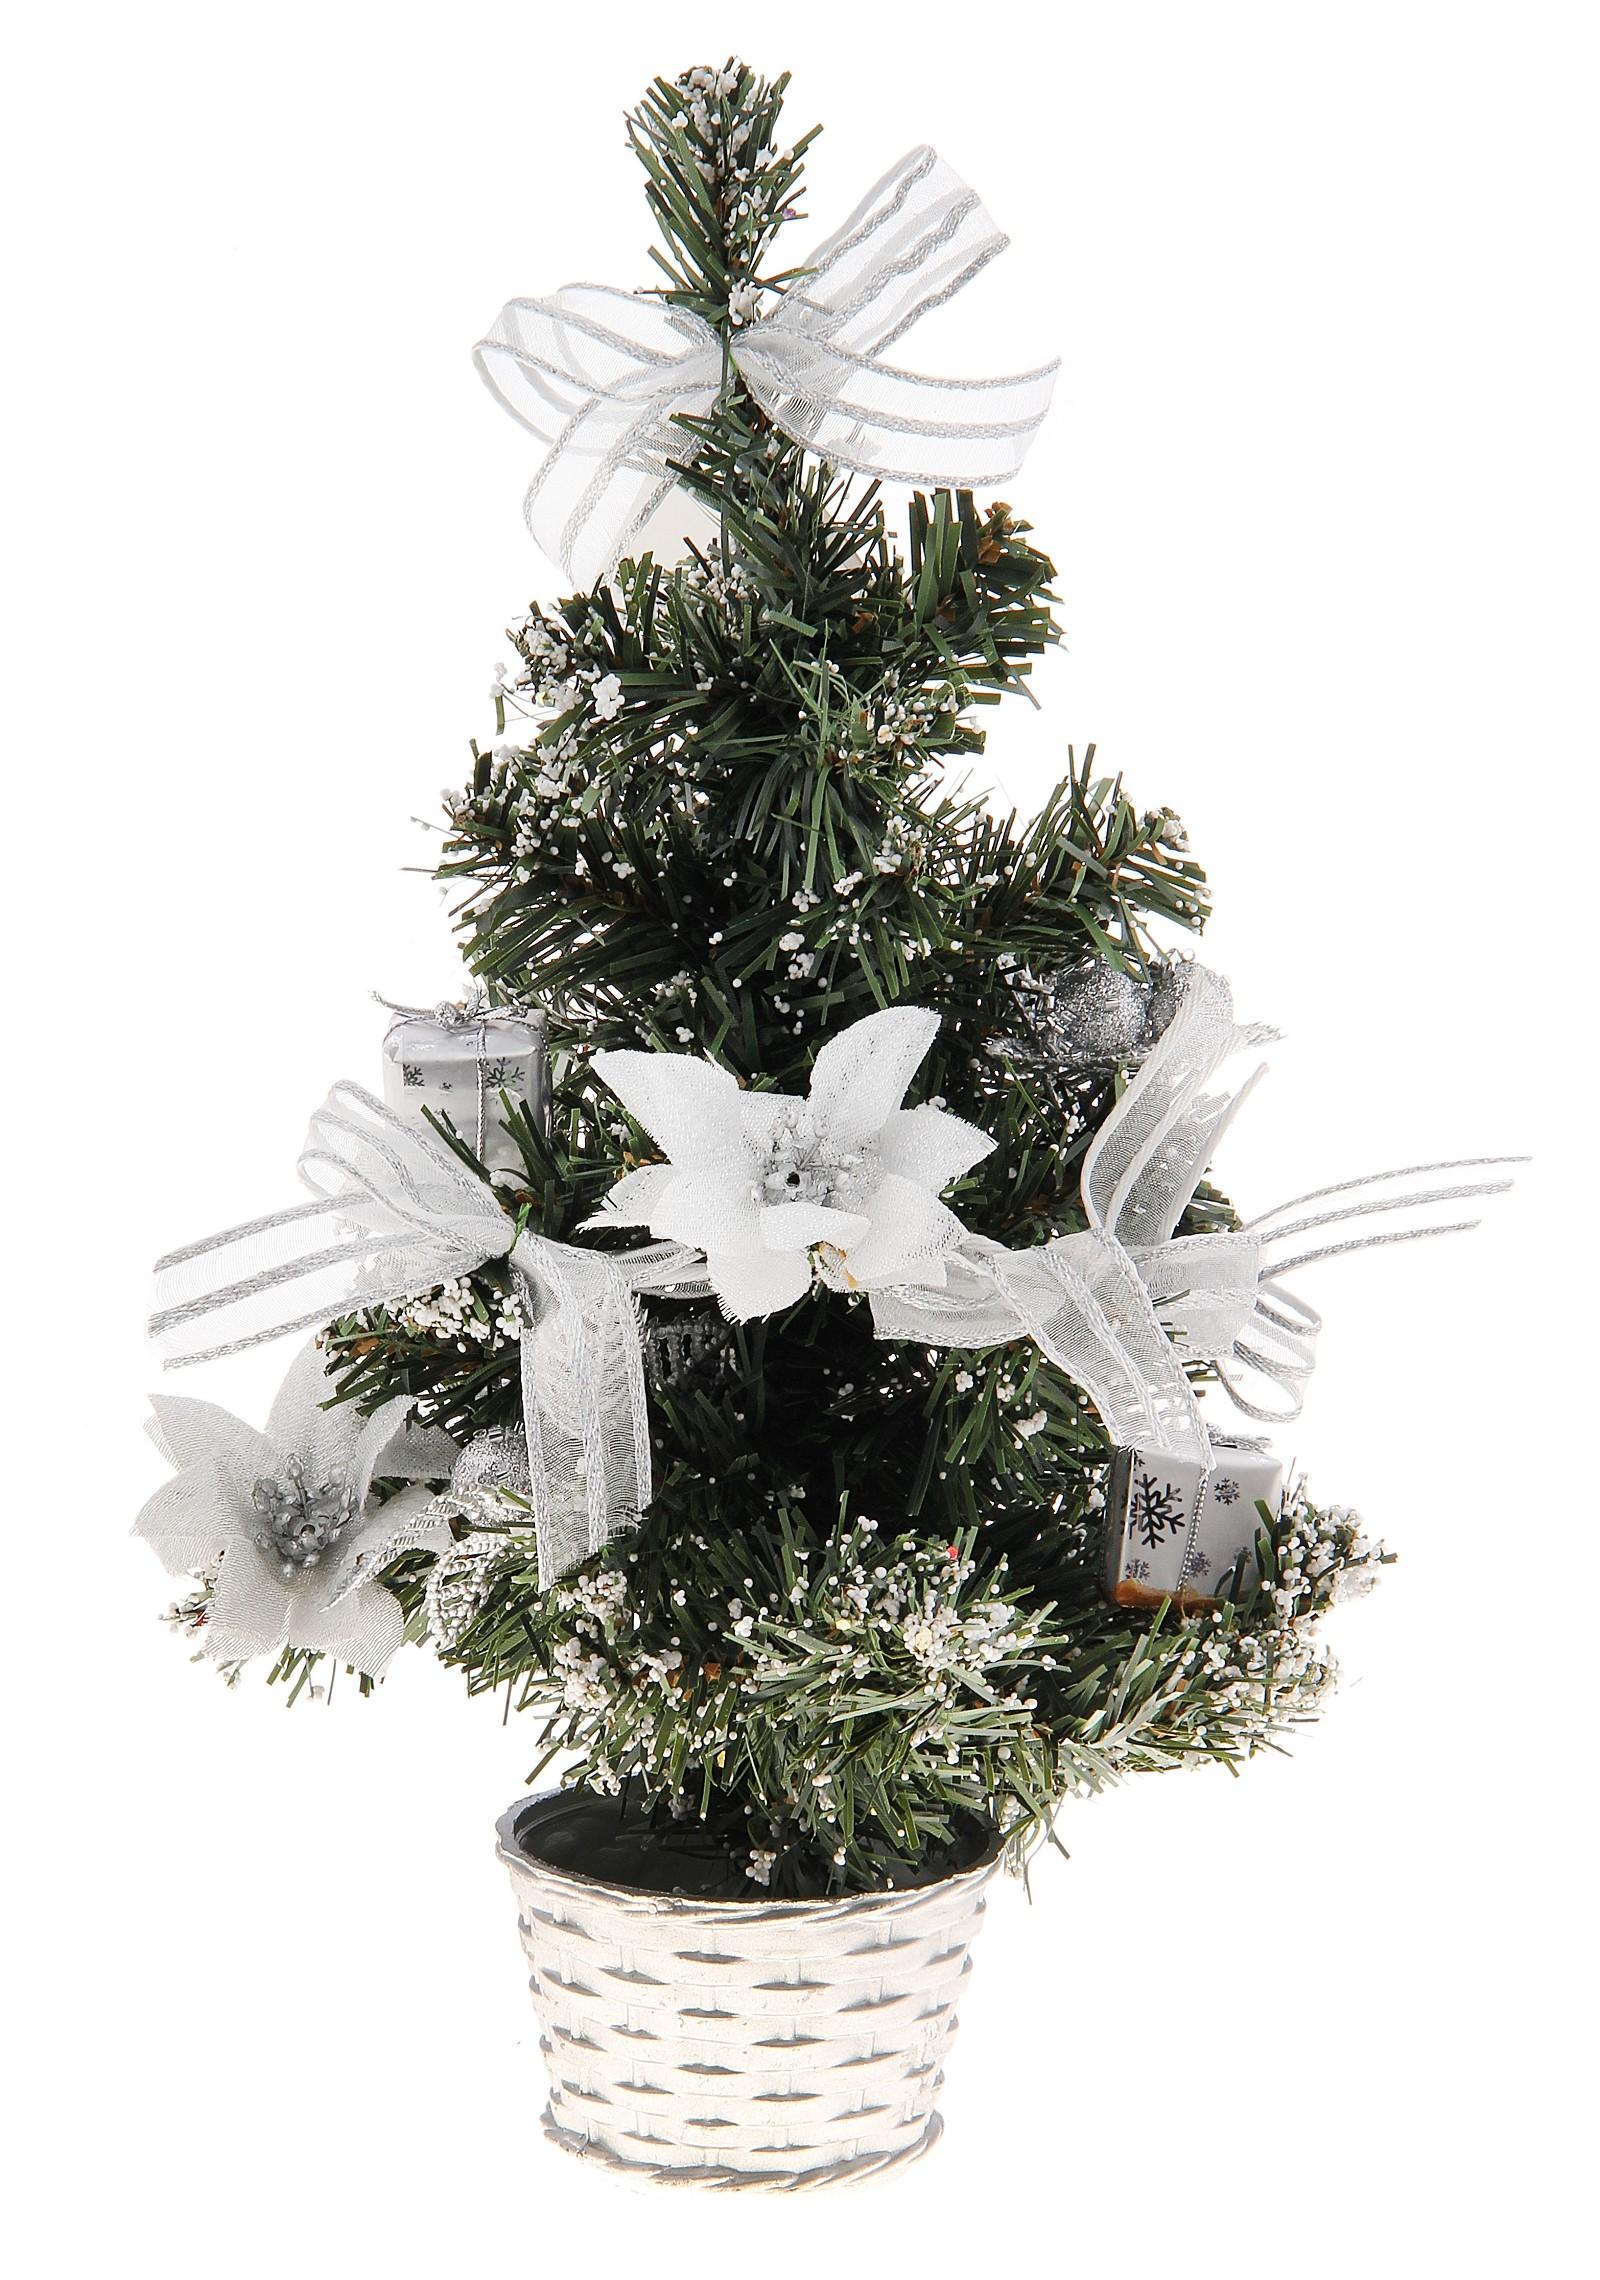 Декоративное украшение Новогодняя елочка. 717971717971Оригинальный дизайн новогодней елки притягивает к себе восторженные взгляды. Елка украшена декоративным снегом, лентами, шариками и цветами. Елка украсит интерьер вашего дома или офиса к Новому году и создаст теплую и уютную атмосферу праздника.Откройте для себя удивительный мир сказок и грез. Почувствуйте волшебные минуты ожидания праздника, создайте новогоднее настроение вашим дорогим и близким. Характеристики: Материал:пластик. Высота елки:30 см. Изготовитель:Китай. Артикул:717971.